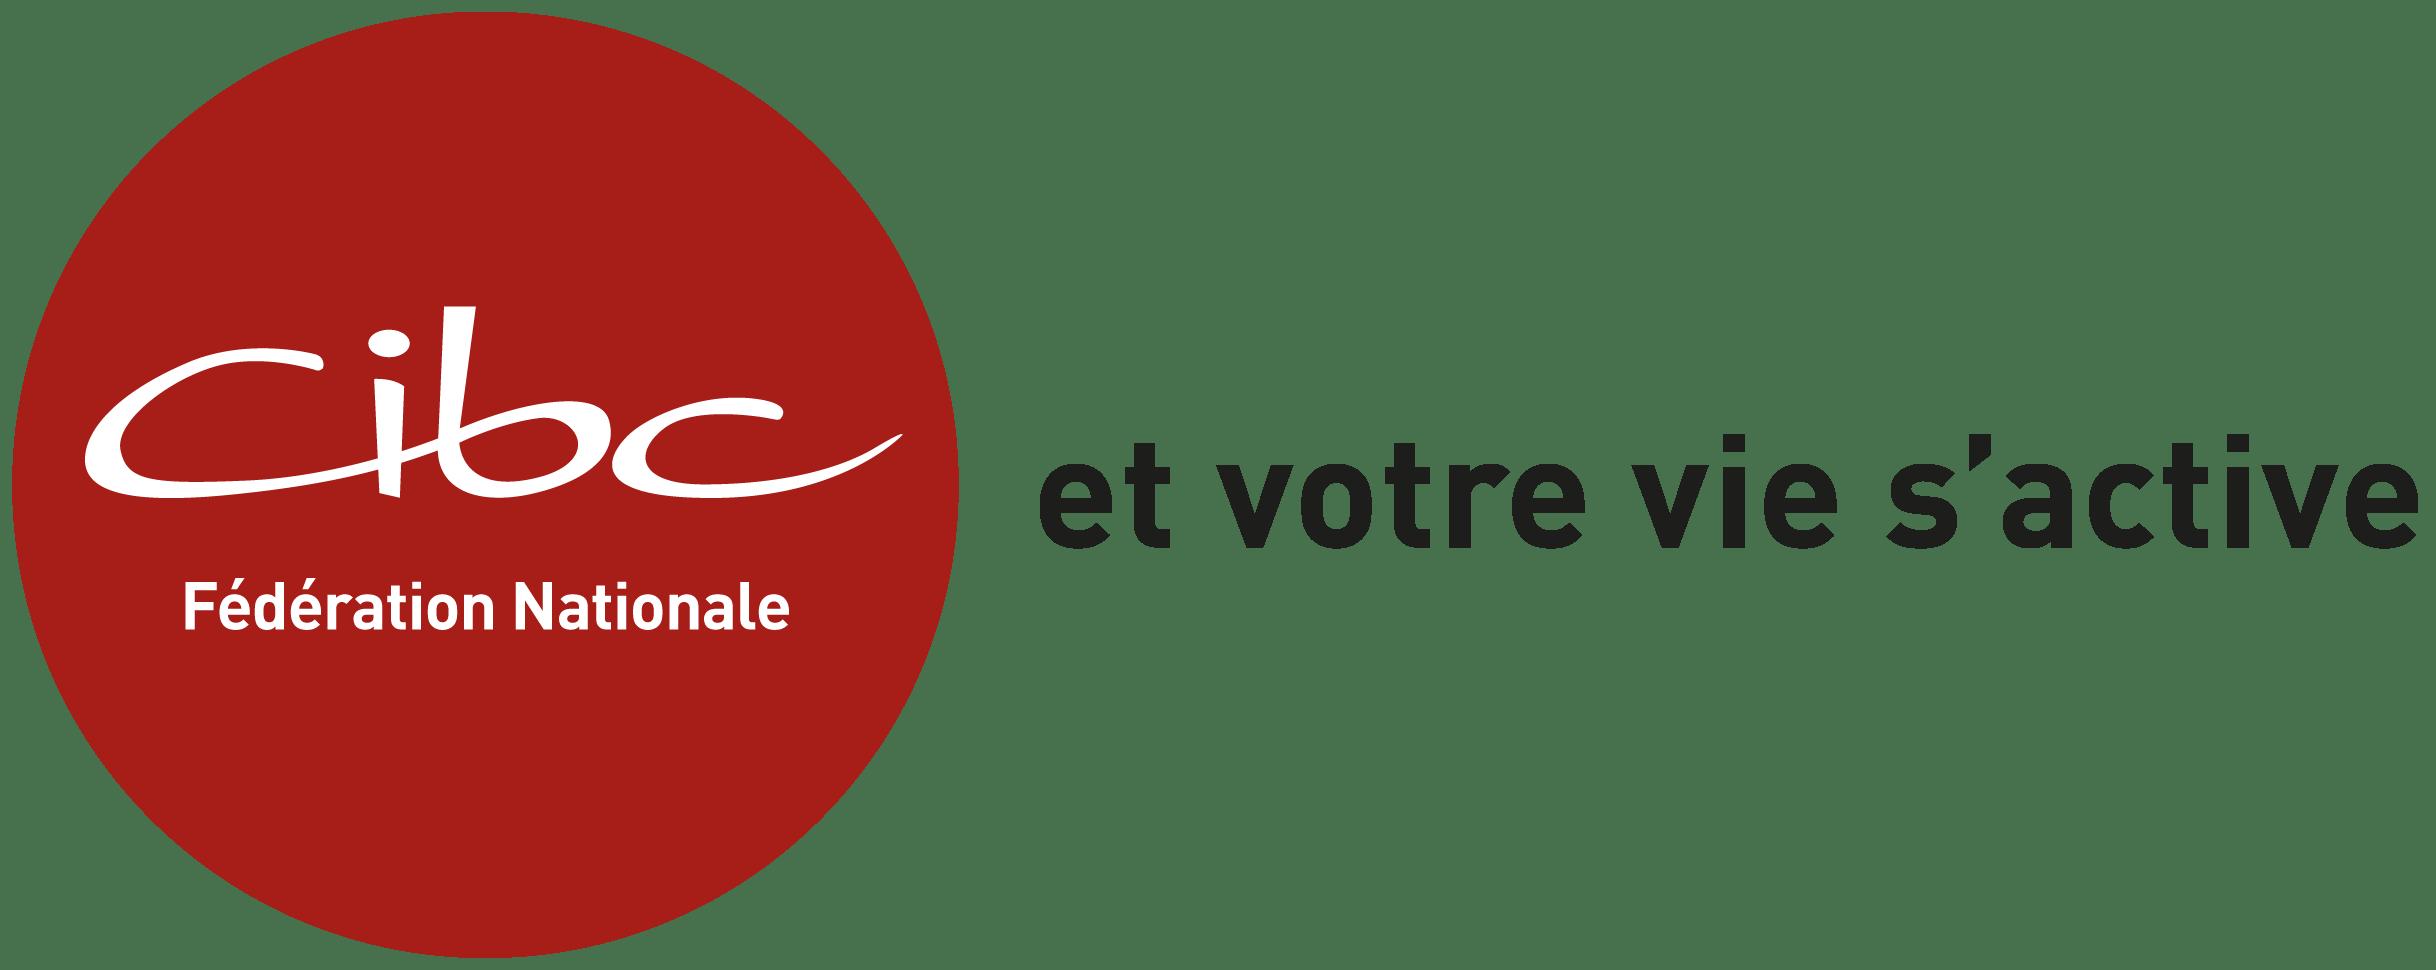 Fédération Nationale des CIBC